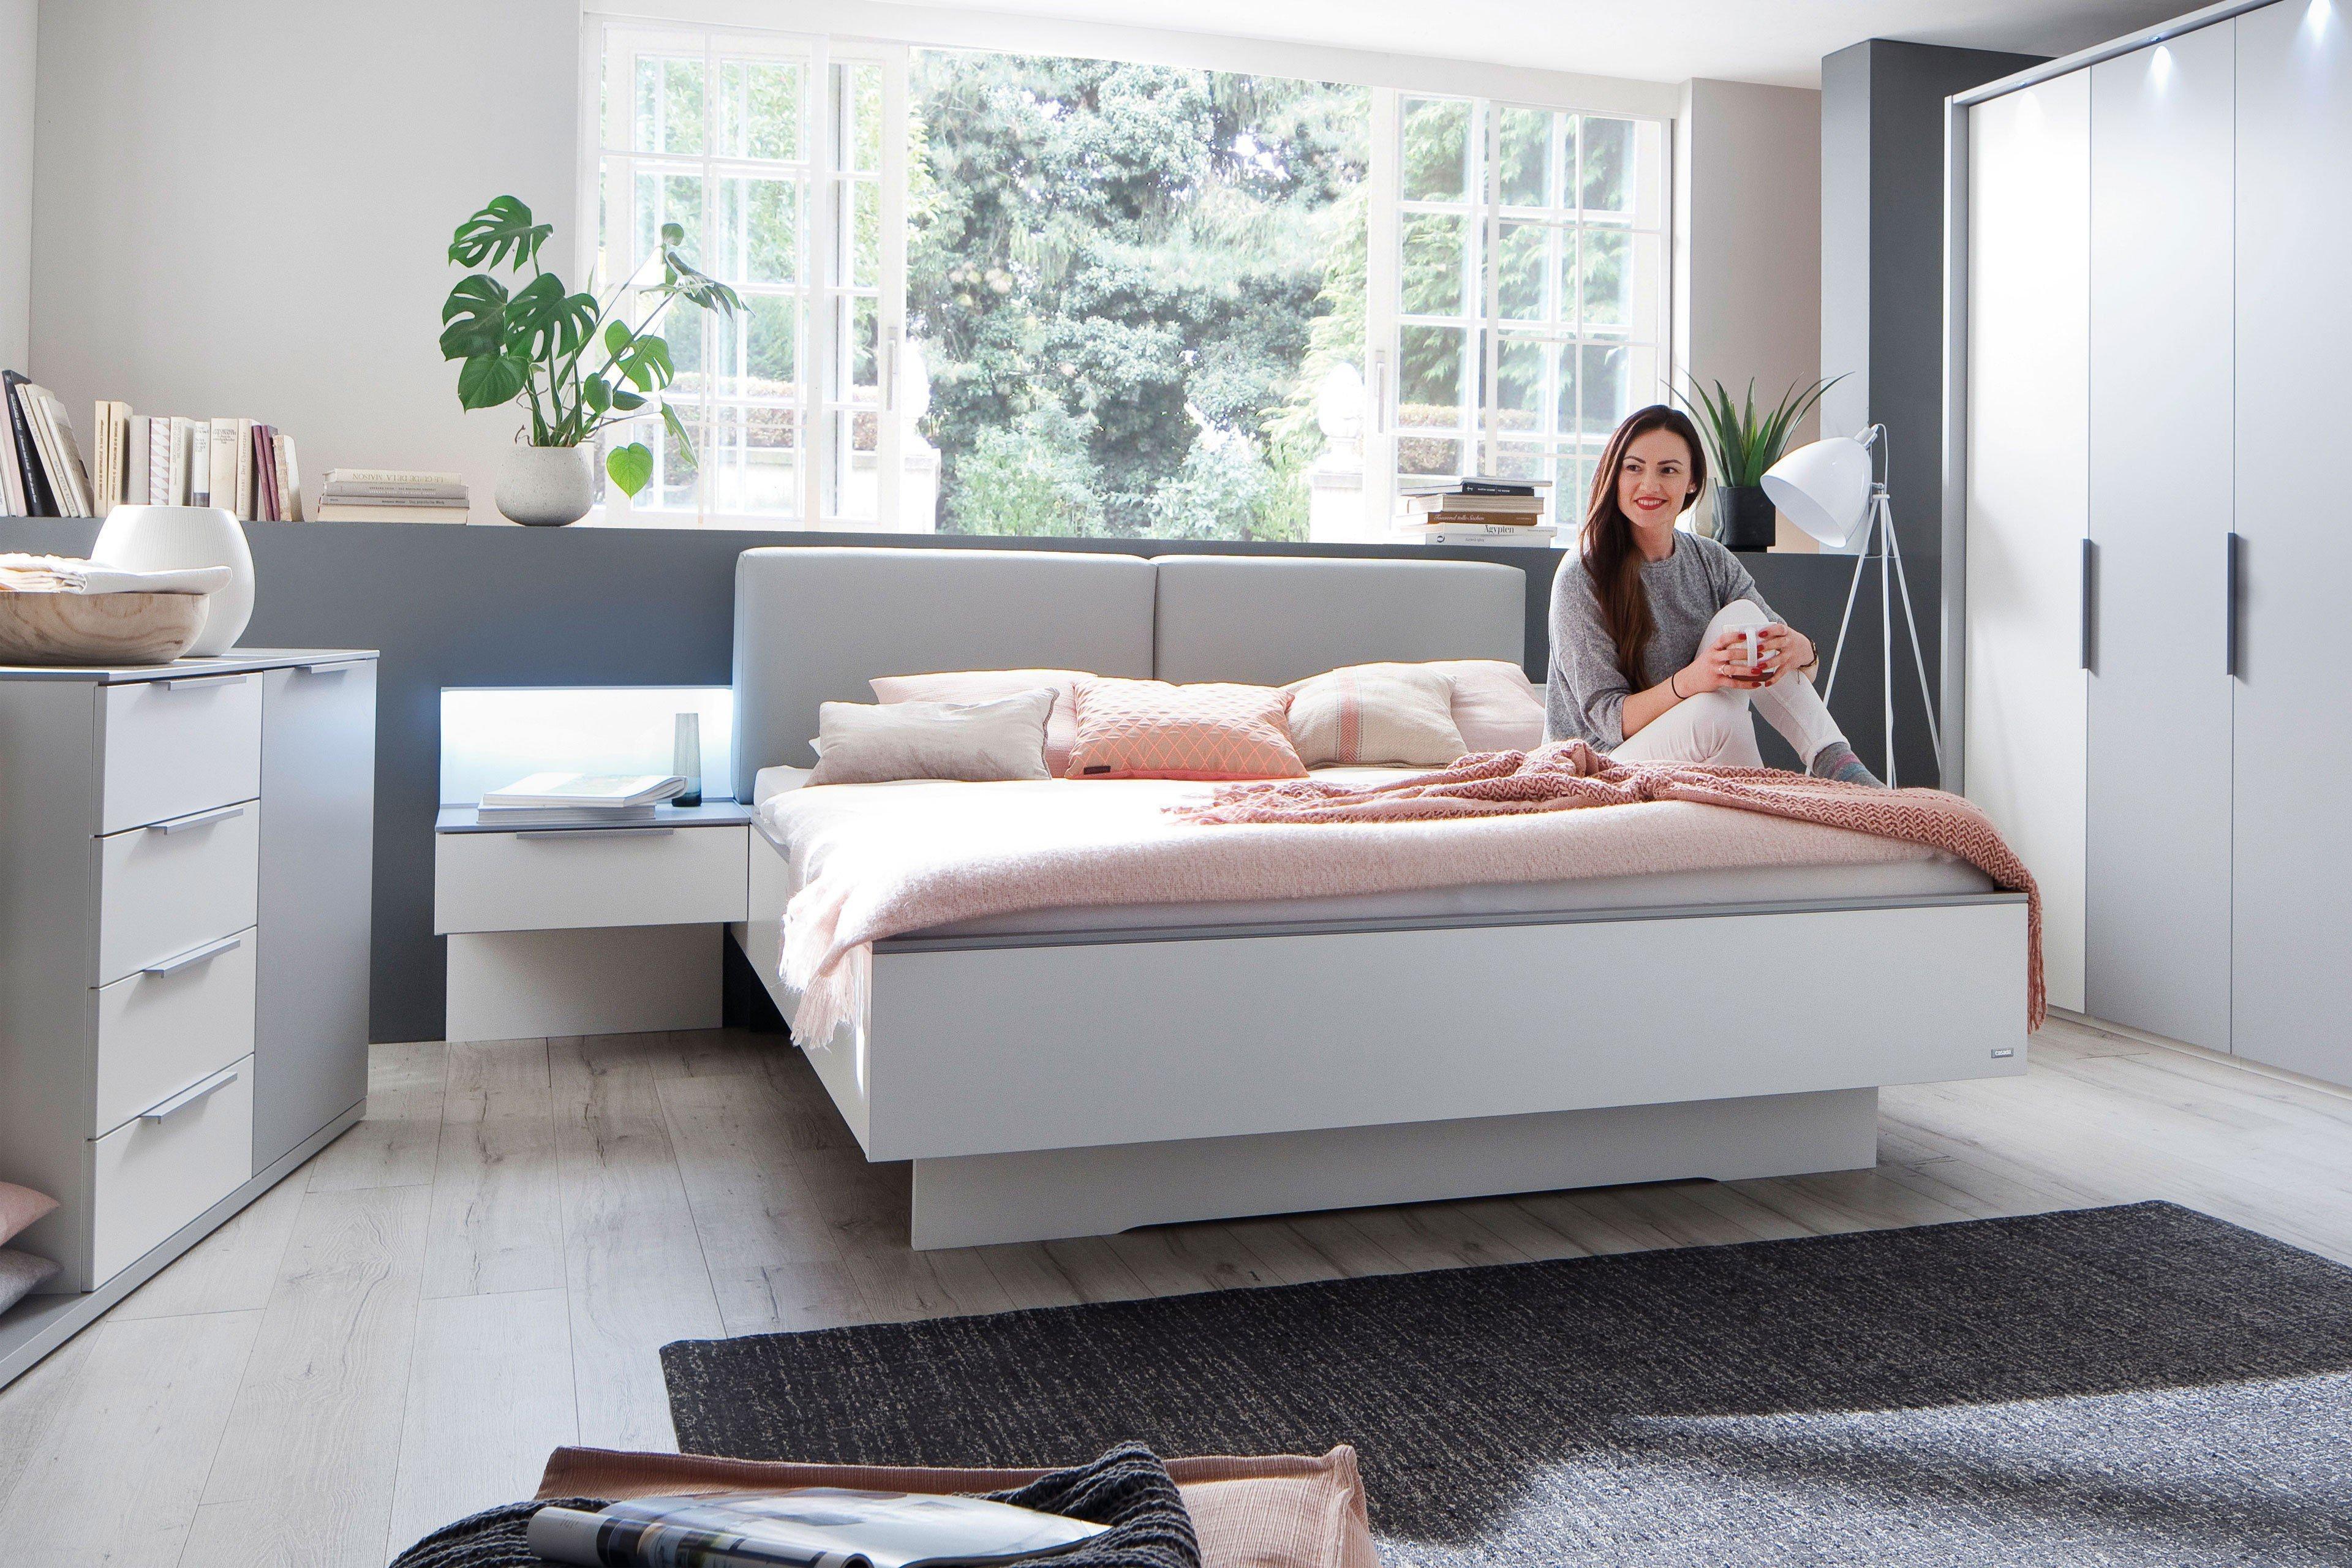 Wunderschön Doppelbett Weiß 180x200 Referenz Von Colina Von Casada - Weiß - Seidengrau